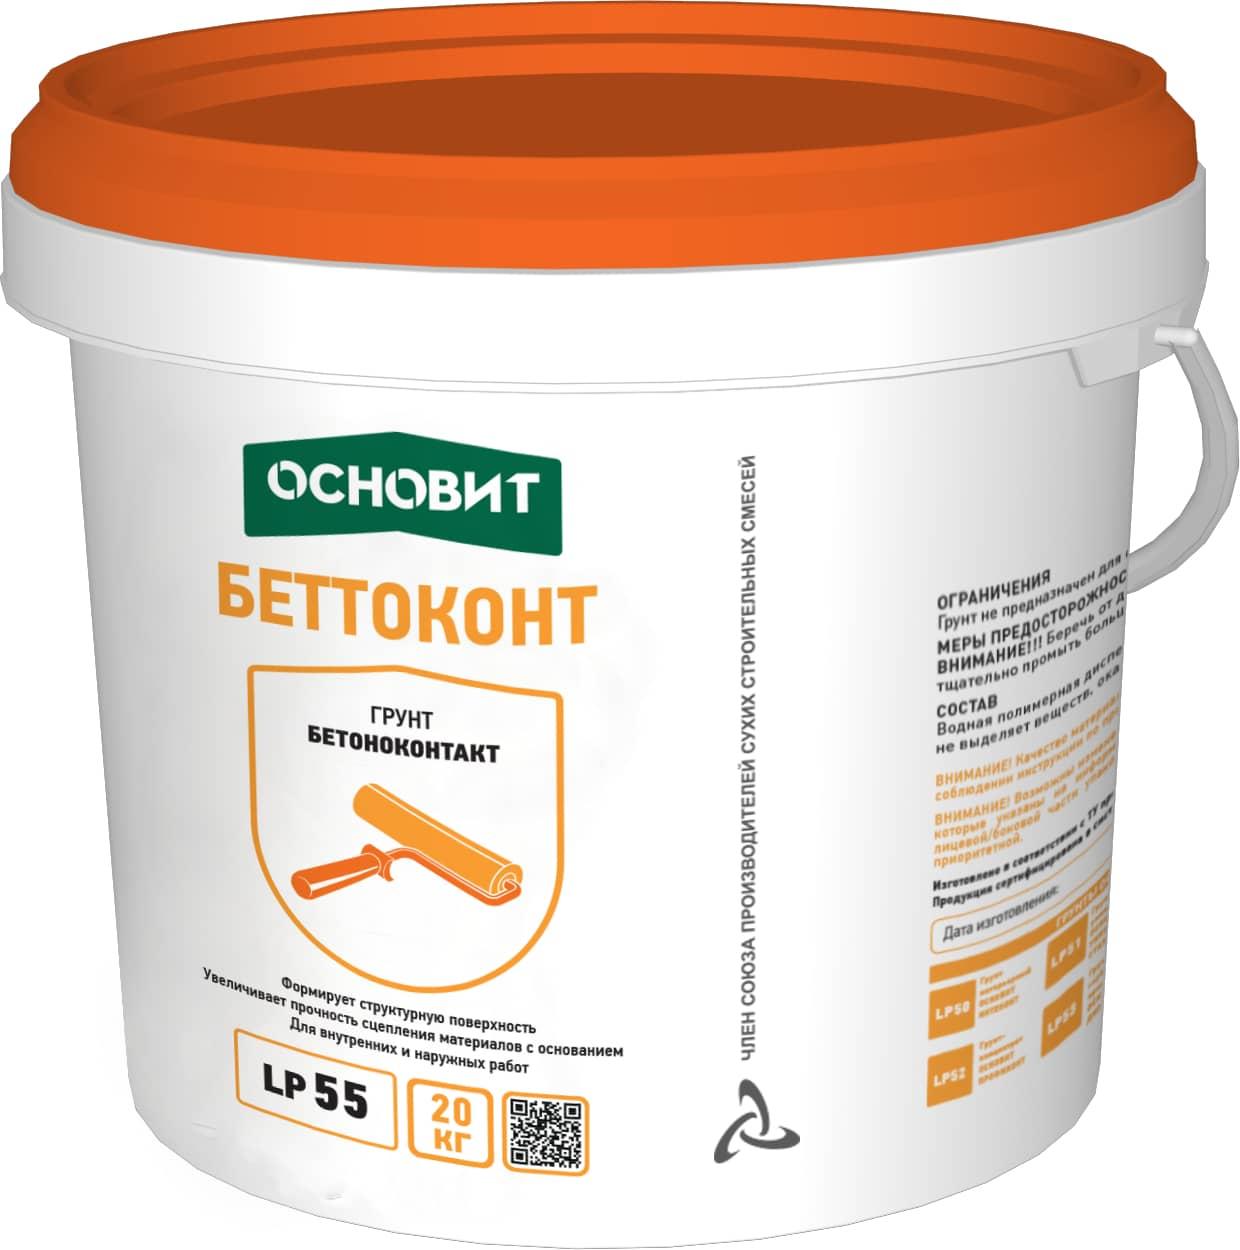 Бетоноконтакт по бетону как готовится бетон